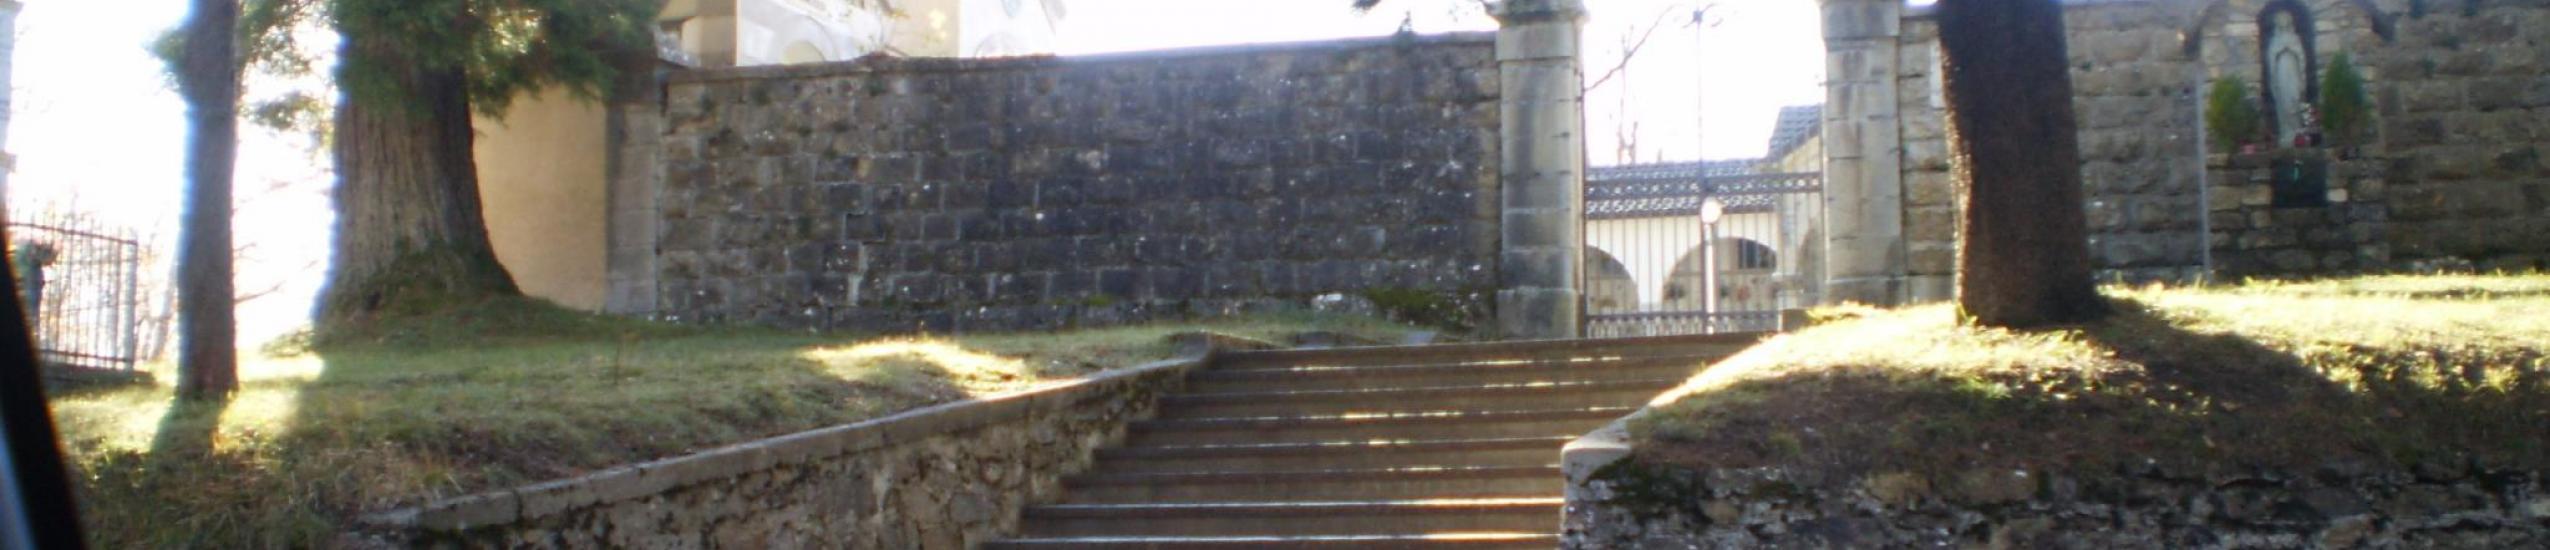 Cimitero di Allegrezze (0)